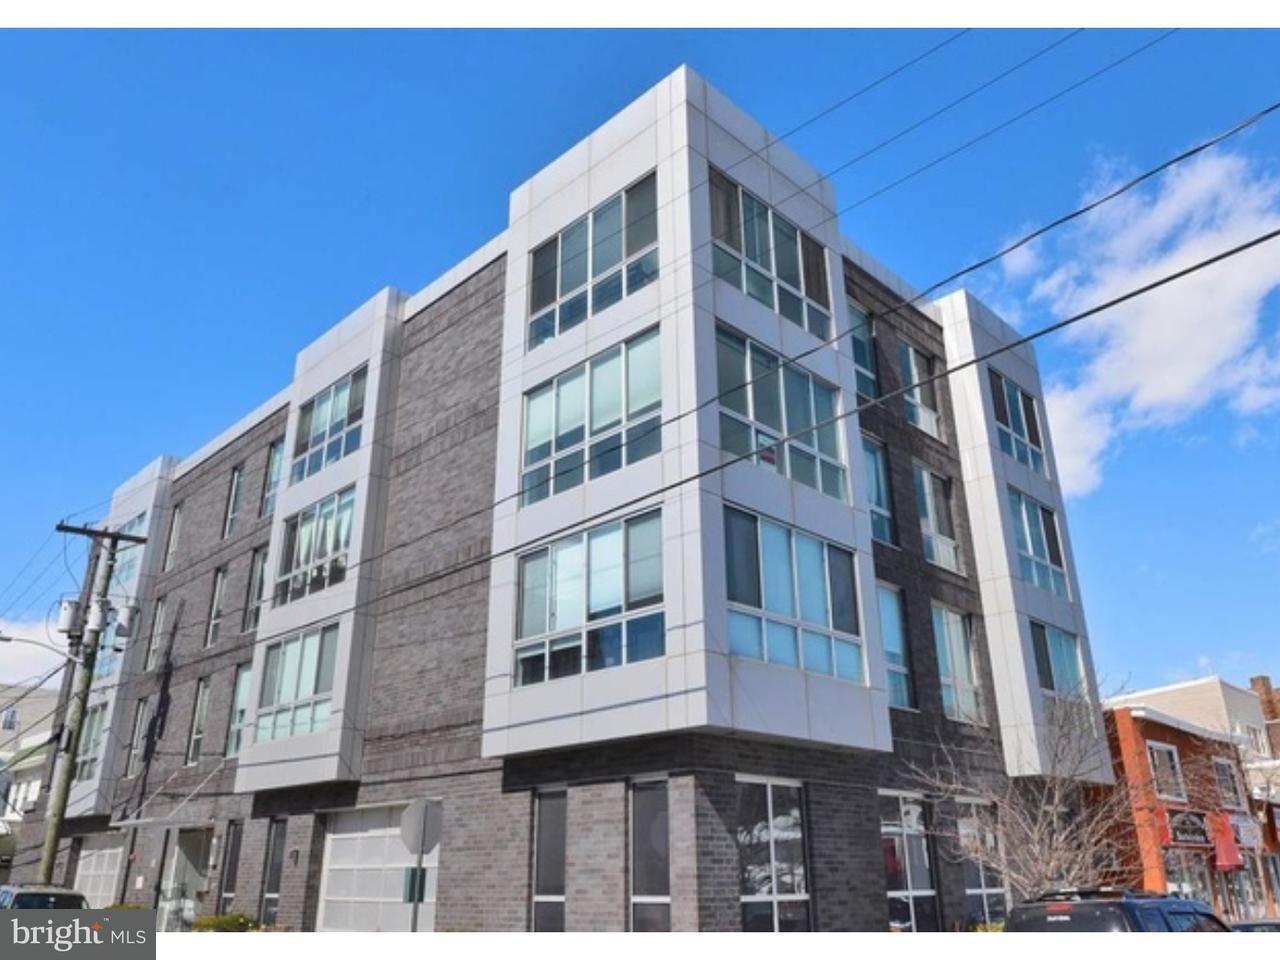 共管式独立产权公寓 为 销售 在 3121 CENTRAL AVE #4C 联合市, 新泽西州 07087 美国